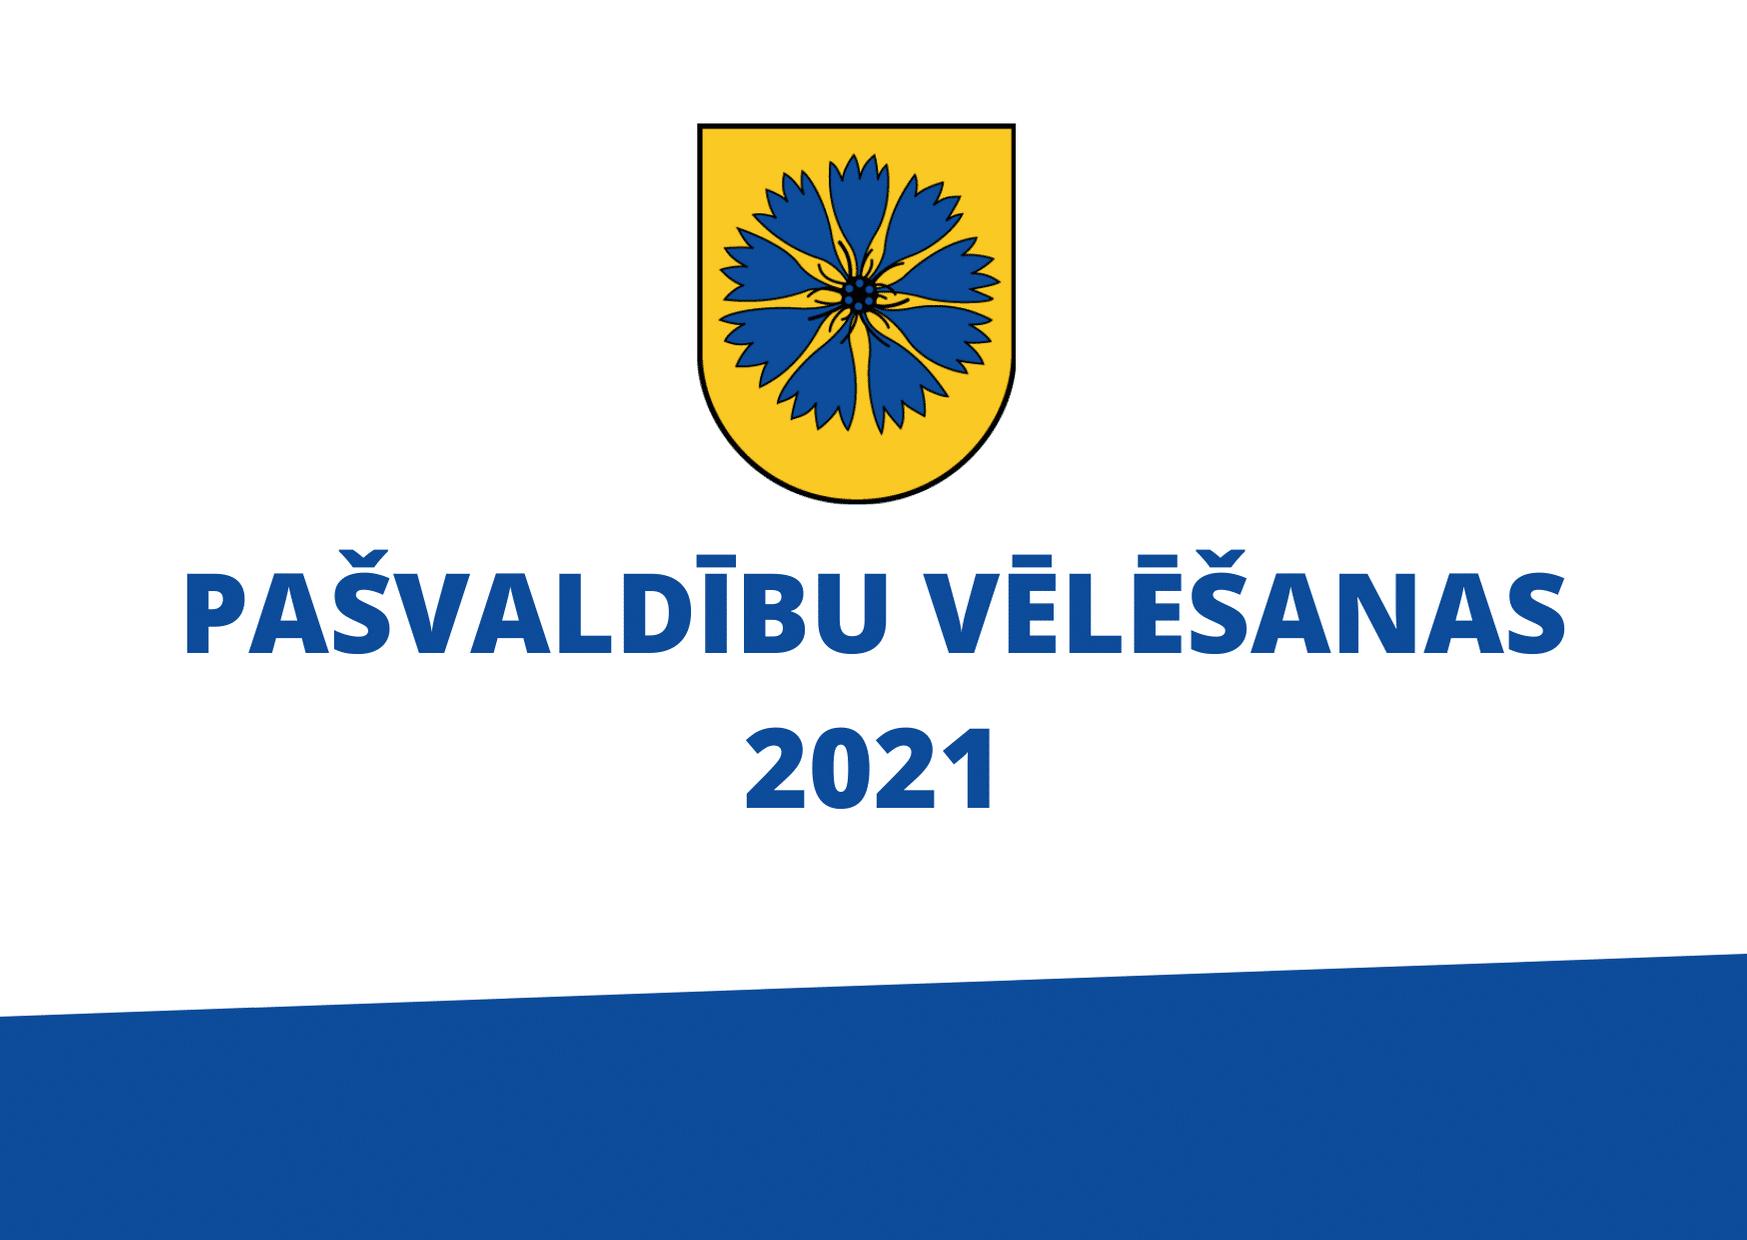 Pašvaldību vēlēšanās Smiltenes novadā ievēlēti 15 deputāti no 5 partijām